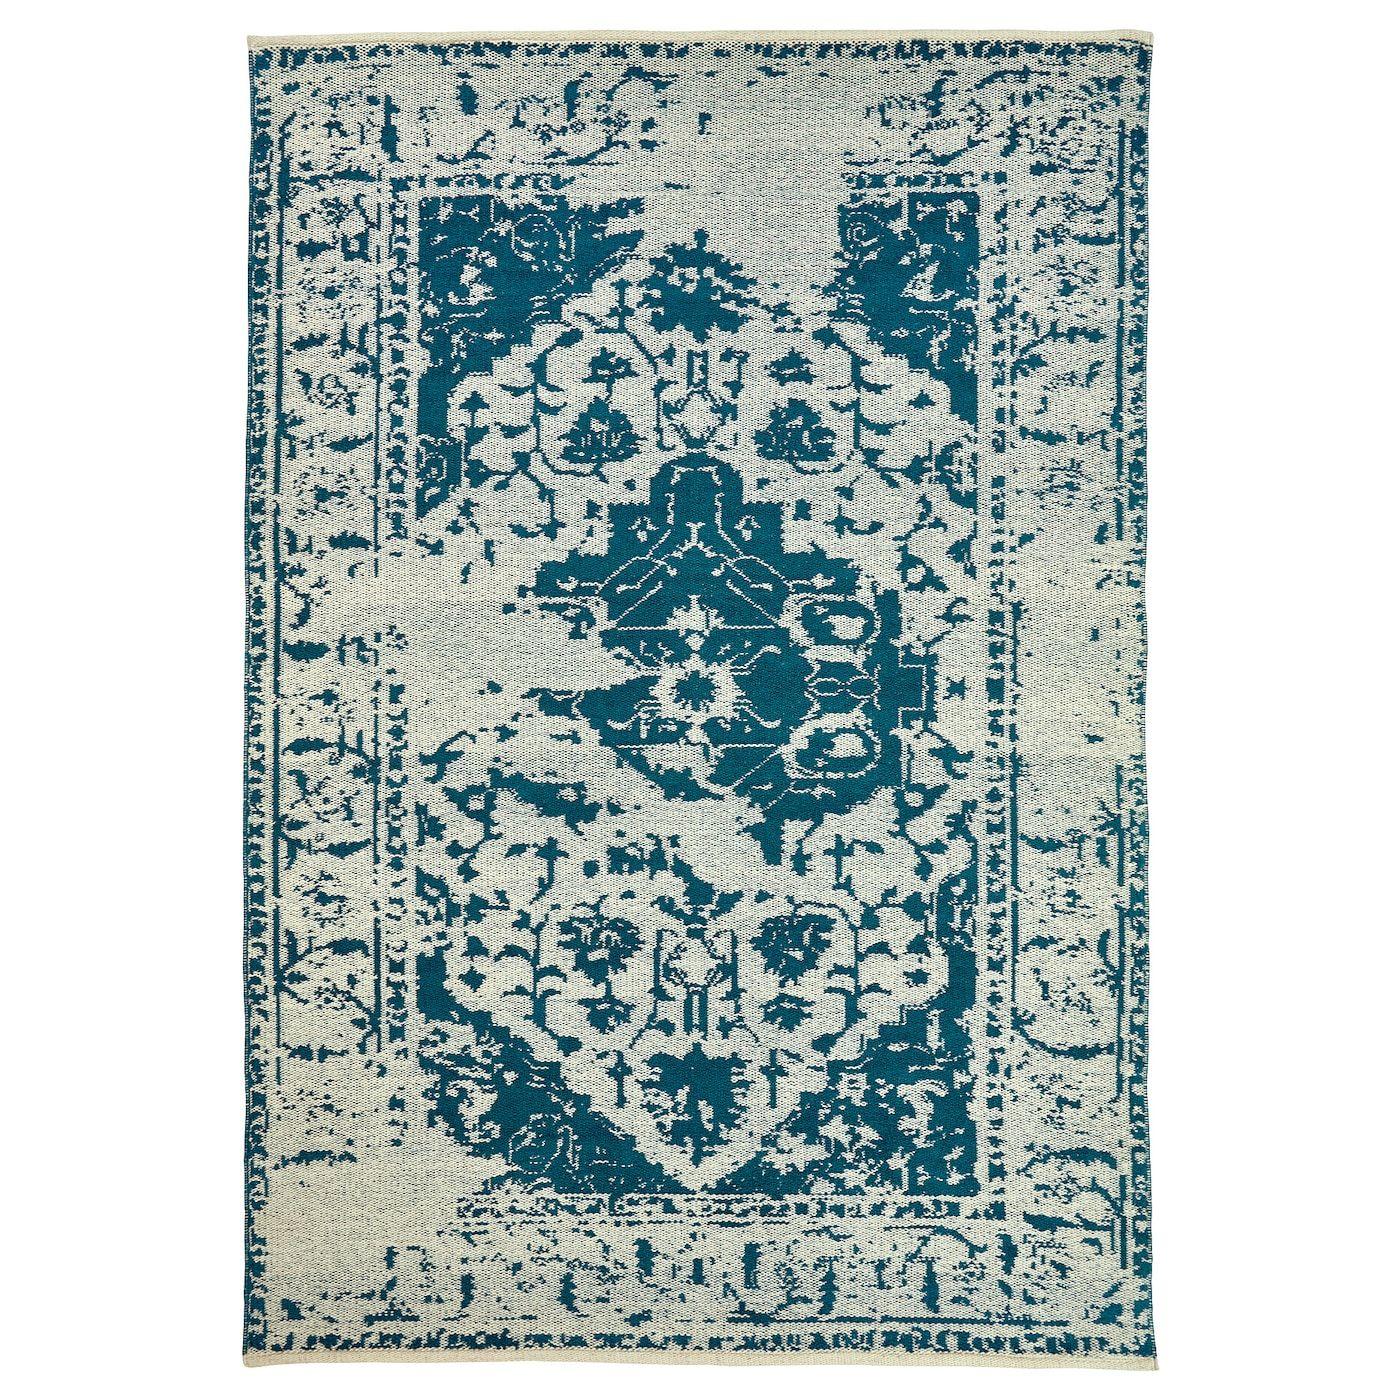 Fovsing Teppich Flach Gewebt Blau Beige Ikea Deutschland Teppich Flach Gewebt Teppich Teppich Günstig